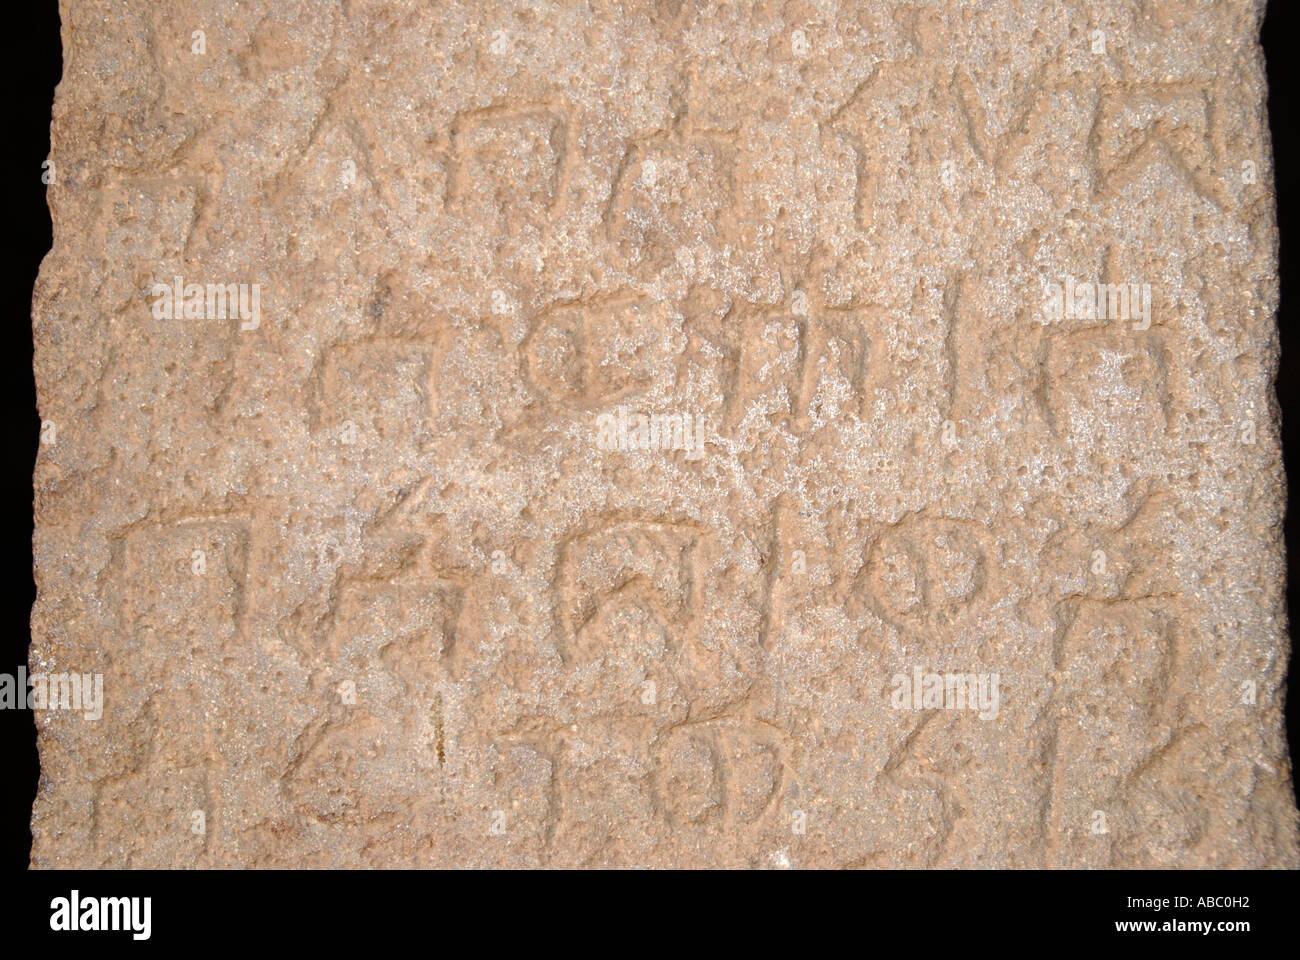 Ezana-estela con antigua escritura Ge'ez Axum Etiopía Imagen De Stock